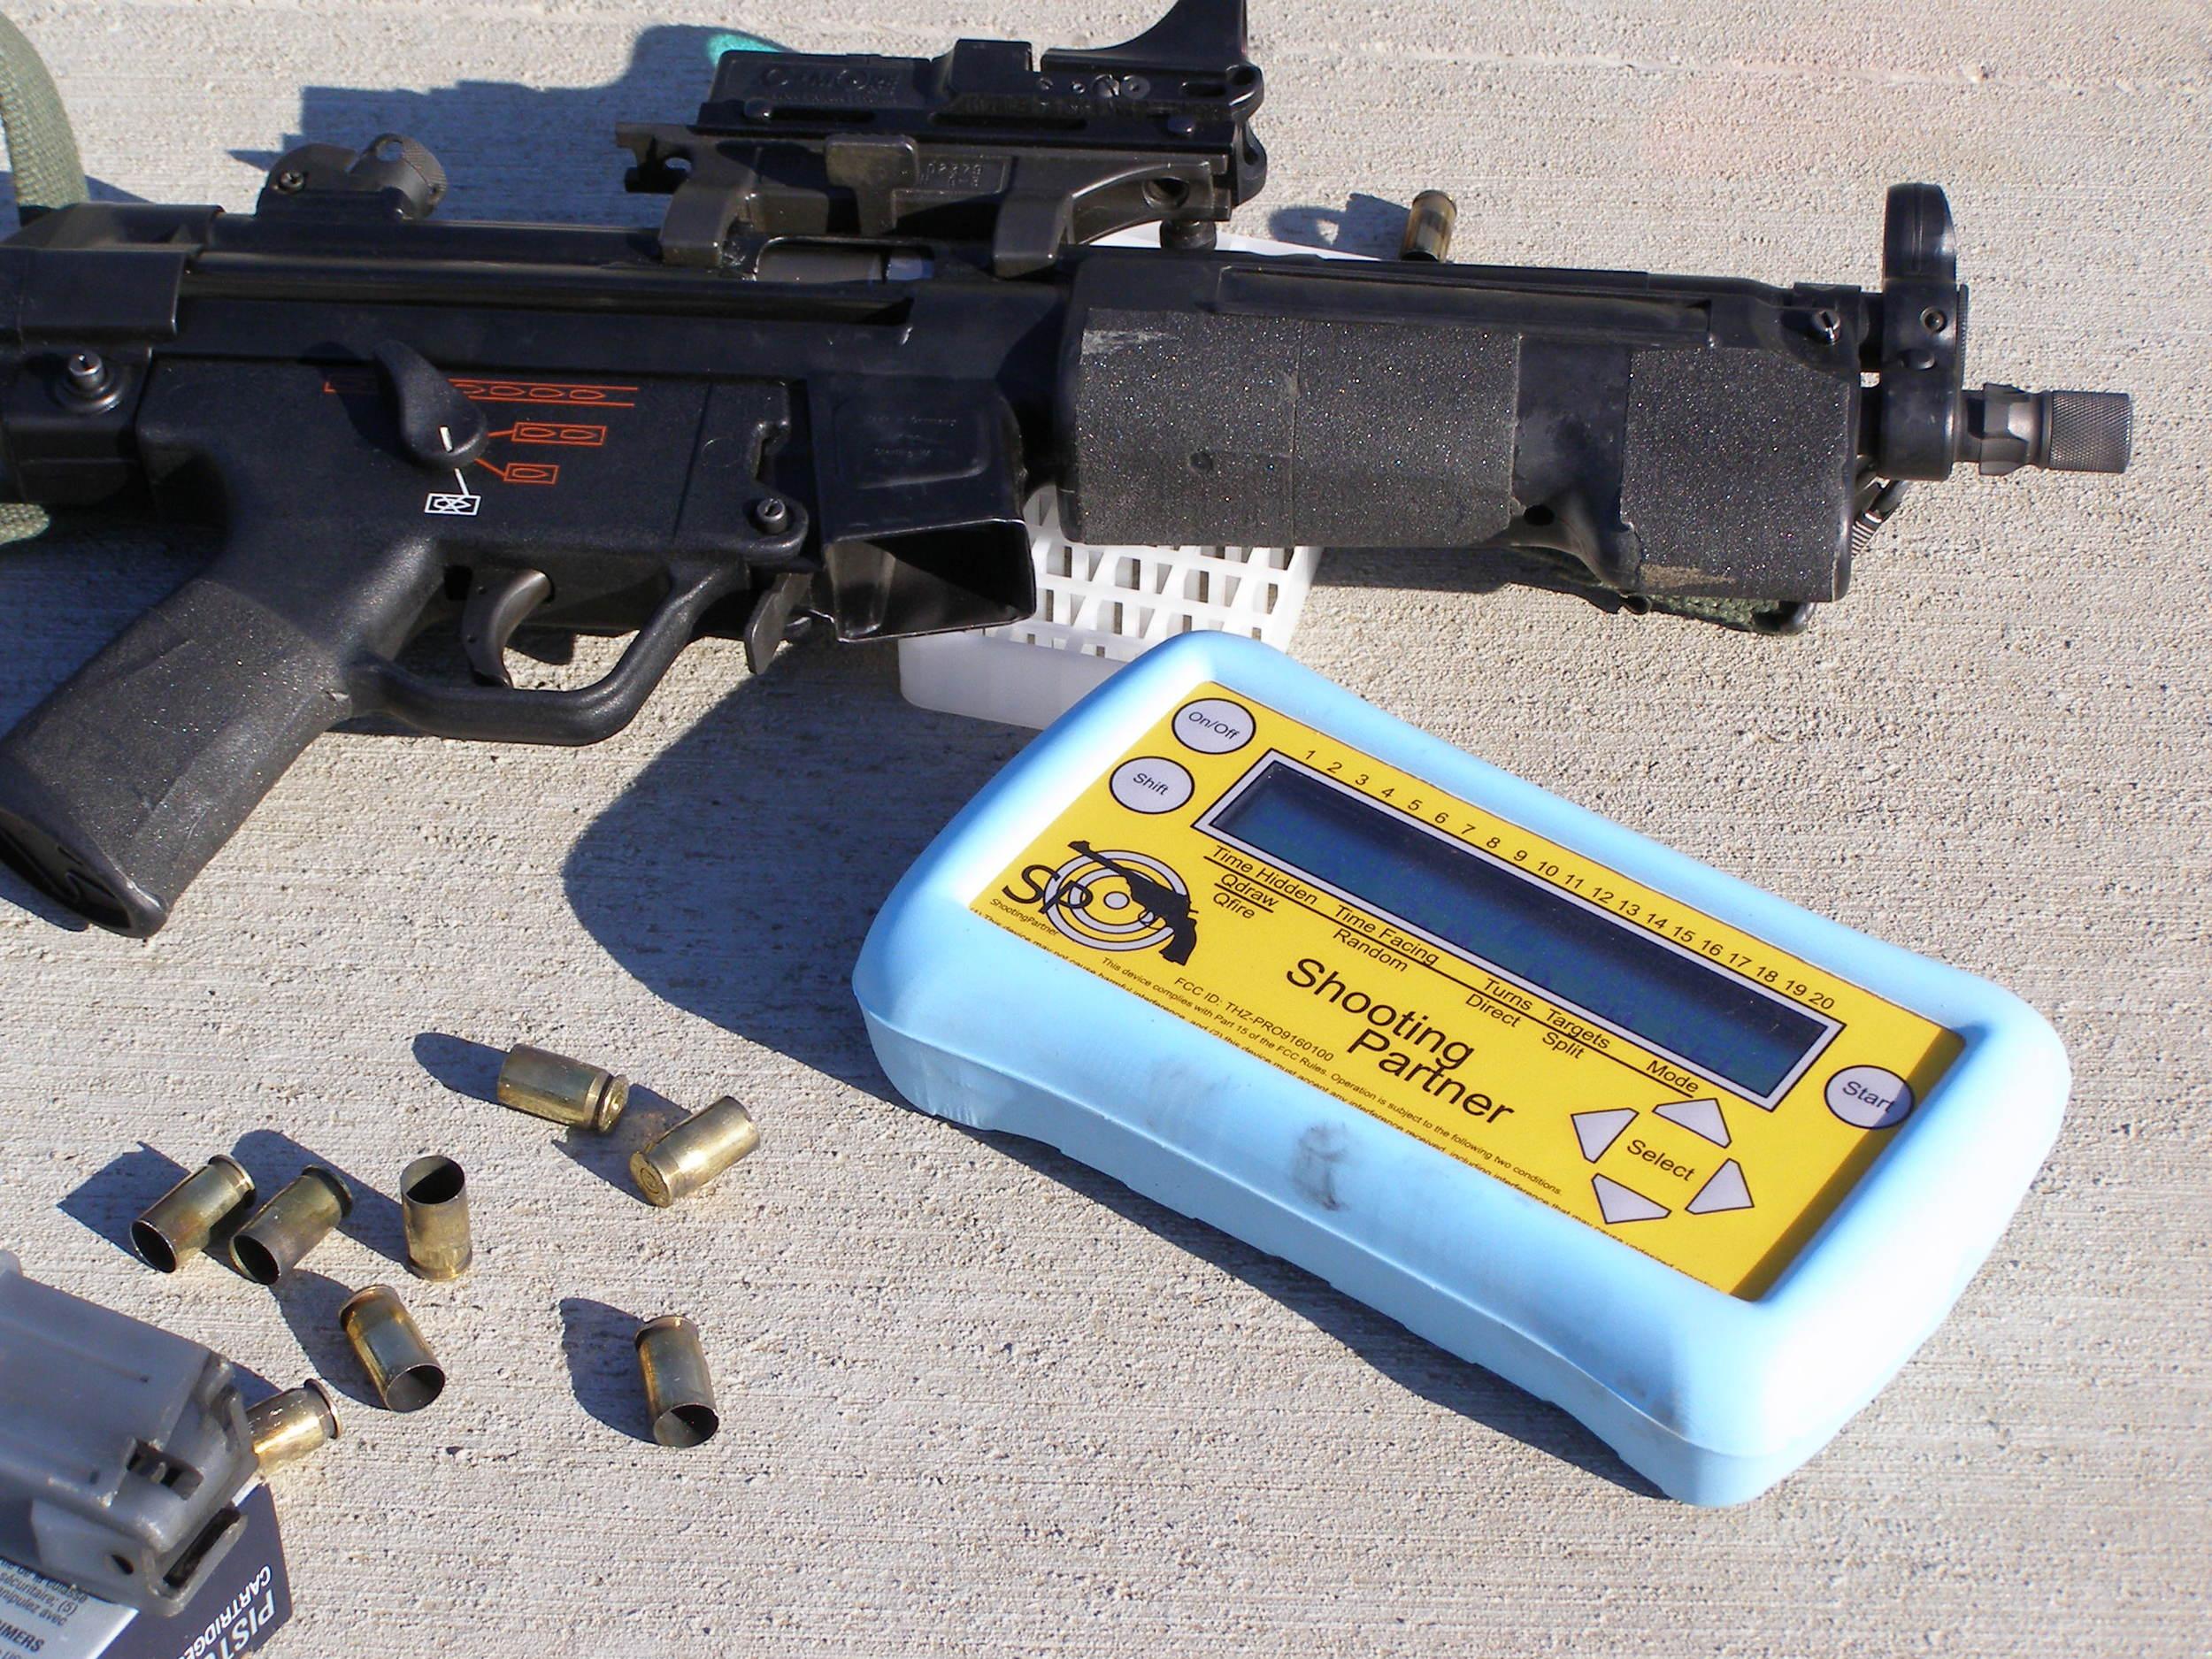 Beretta, TX, and spent shells.JPG